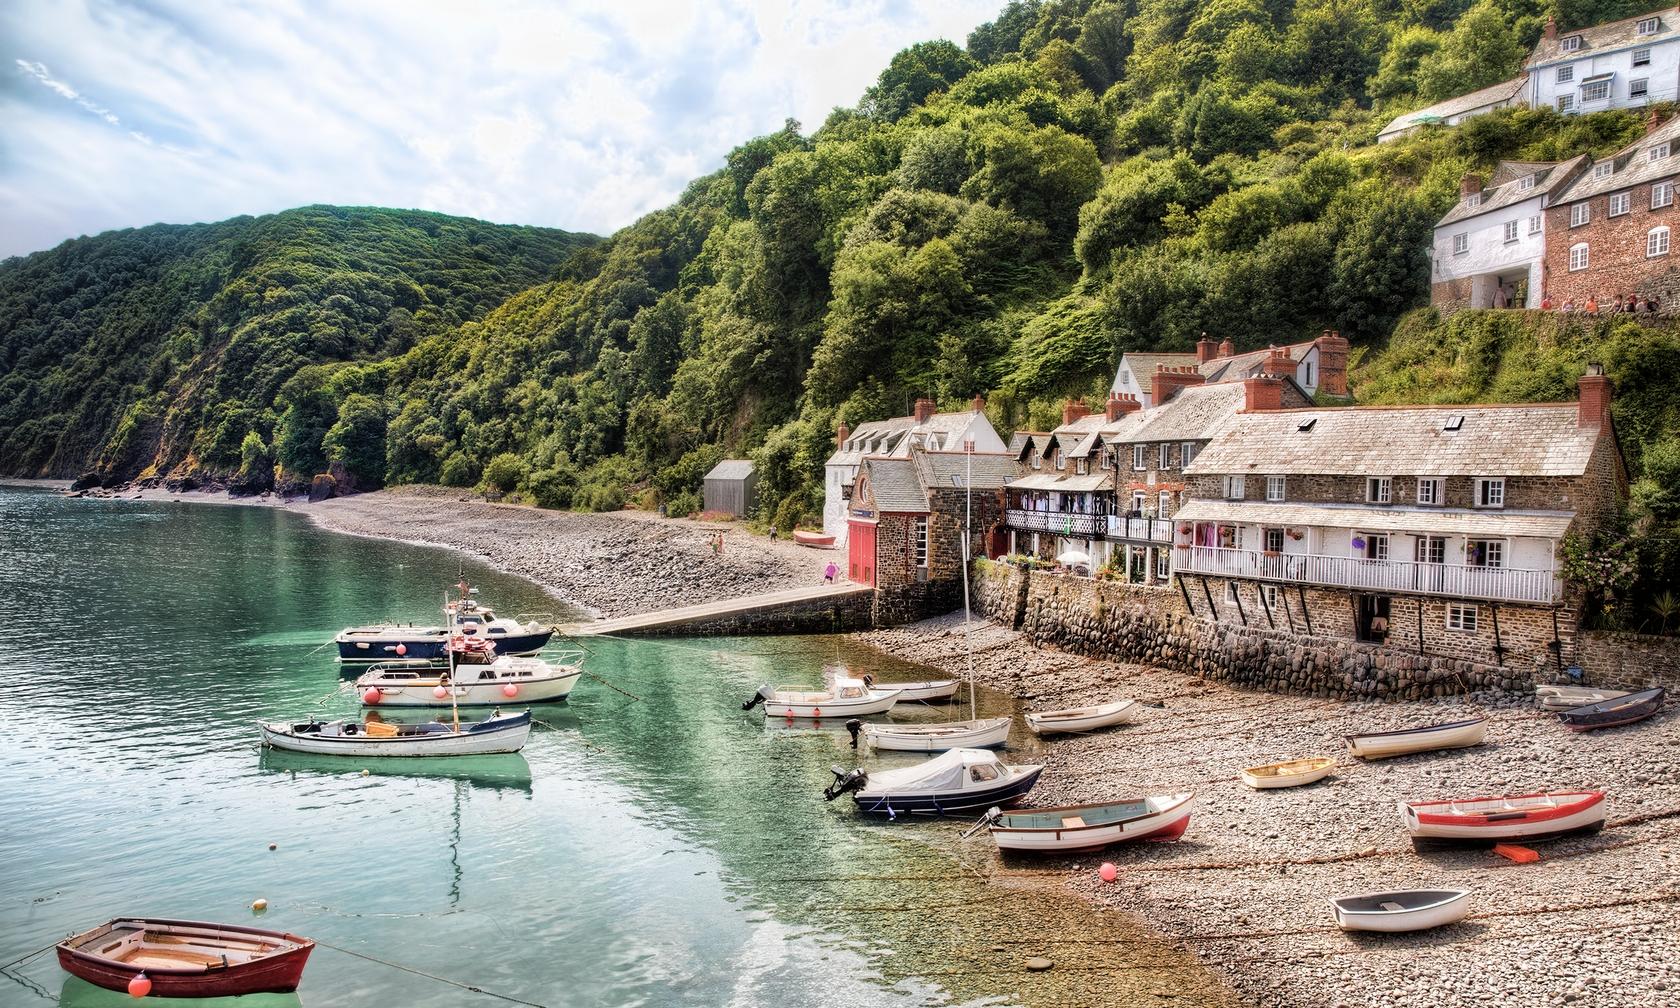 Holiday Cottage & Home Rentals in Devon